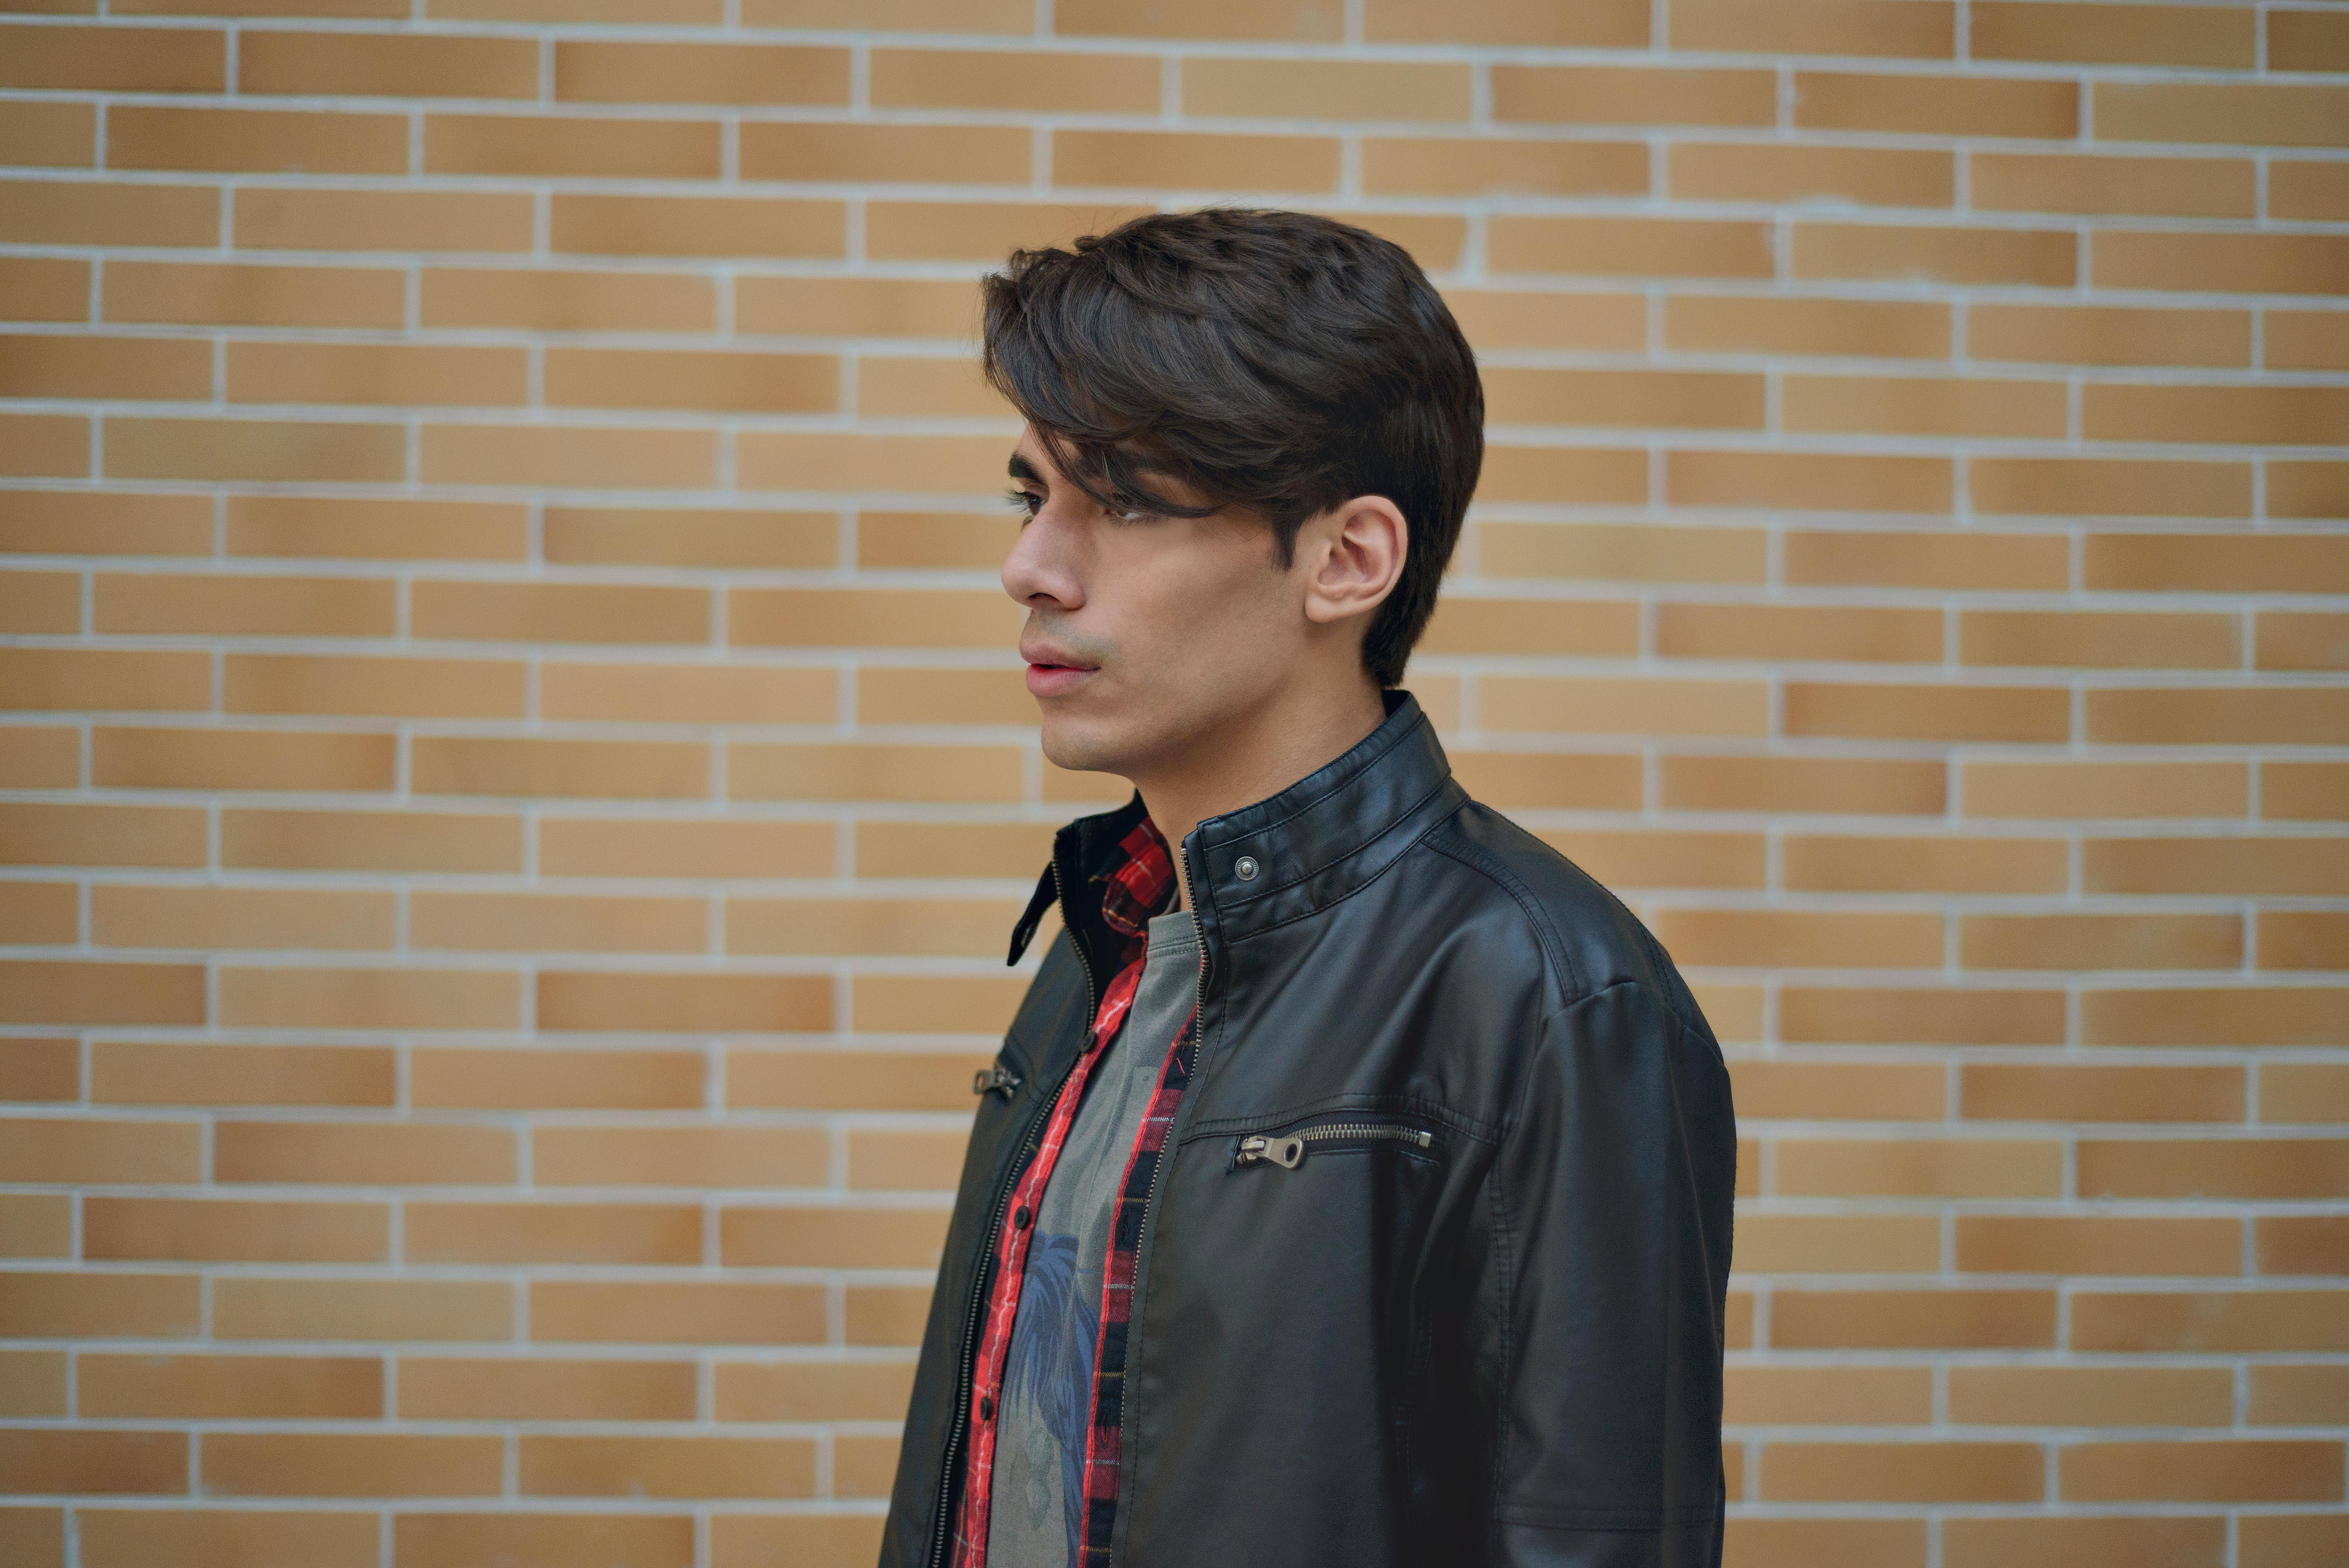 alex cursino, blogueiro de moda, blog de moda masculina, youtuber de moda, dicas de moda, moda para homens, moda sem censura, look masculino 2017, estilo masculino (7)